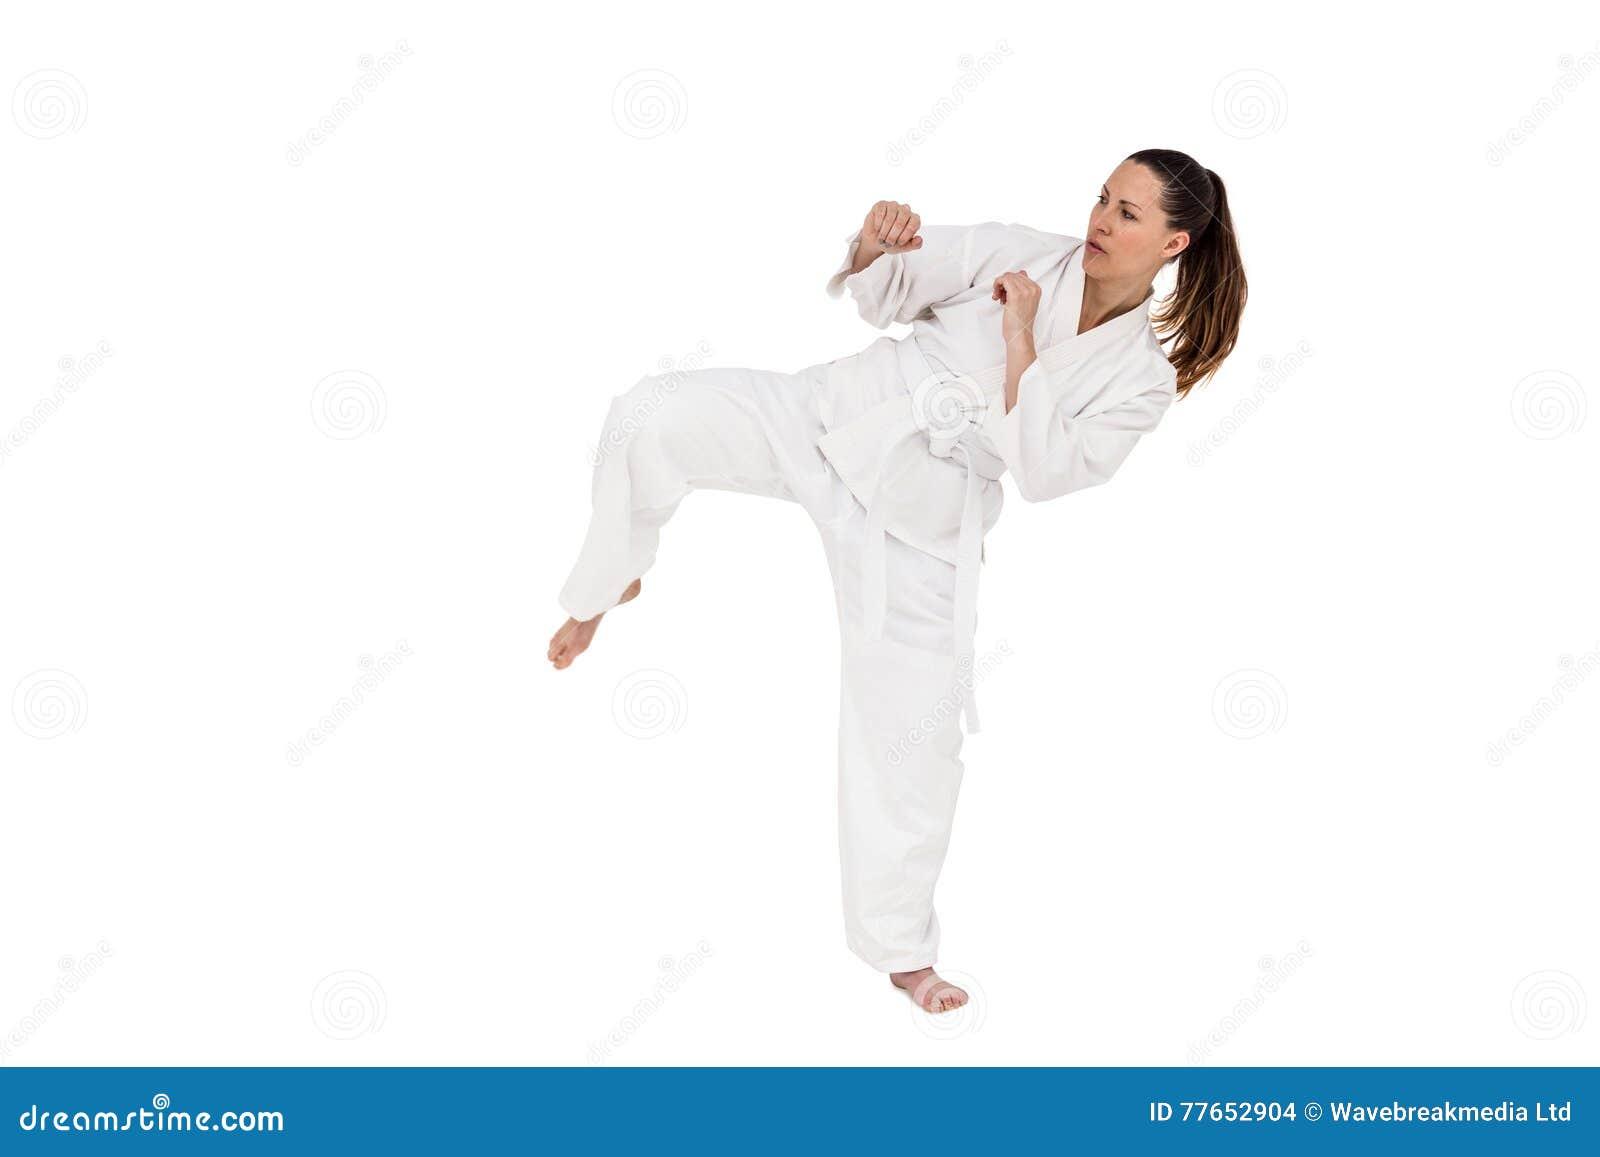 Kämpfer, der Karateposition durchführt